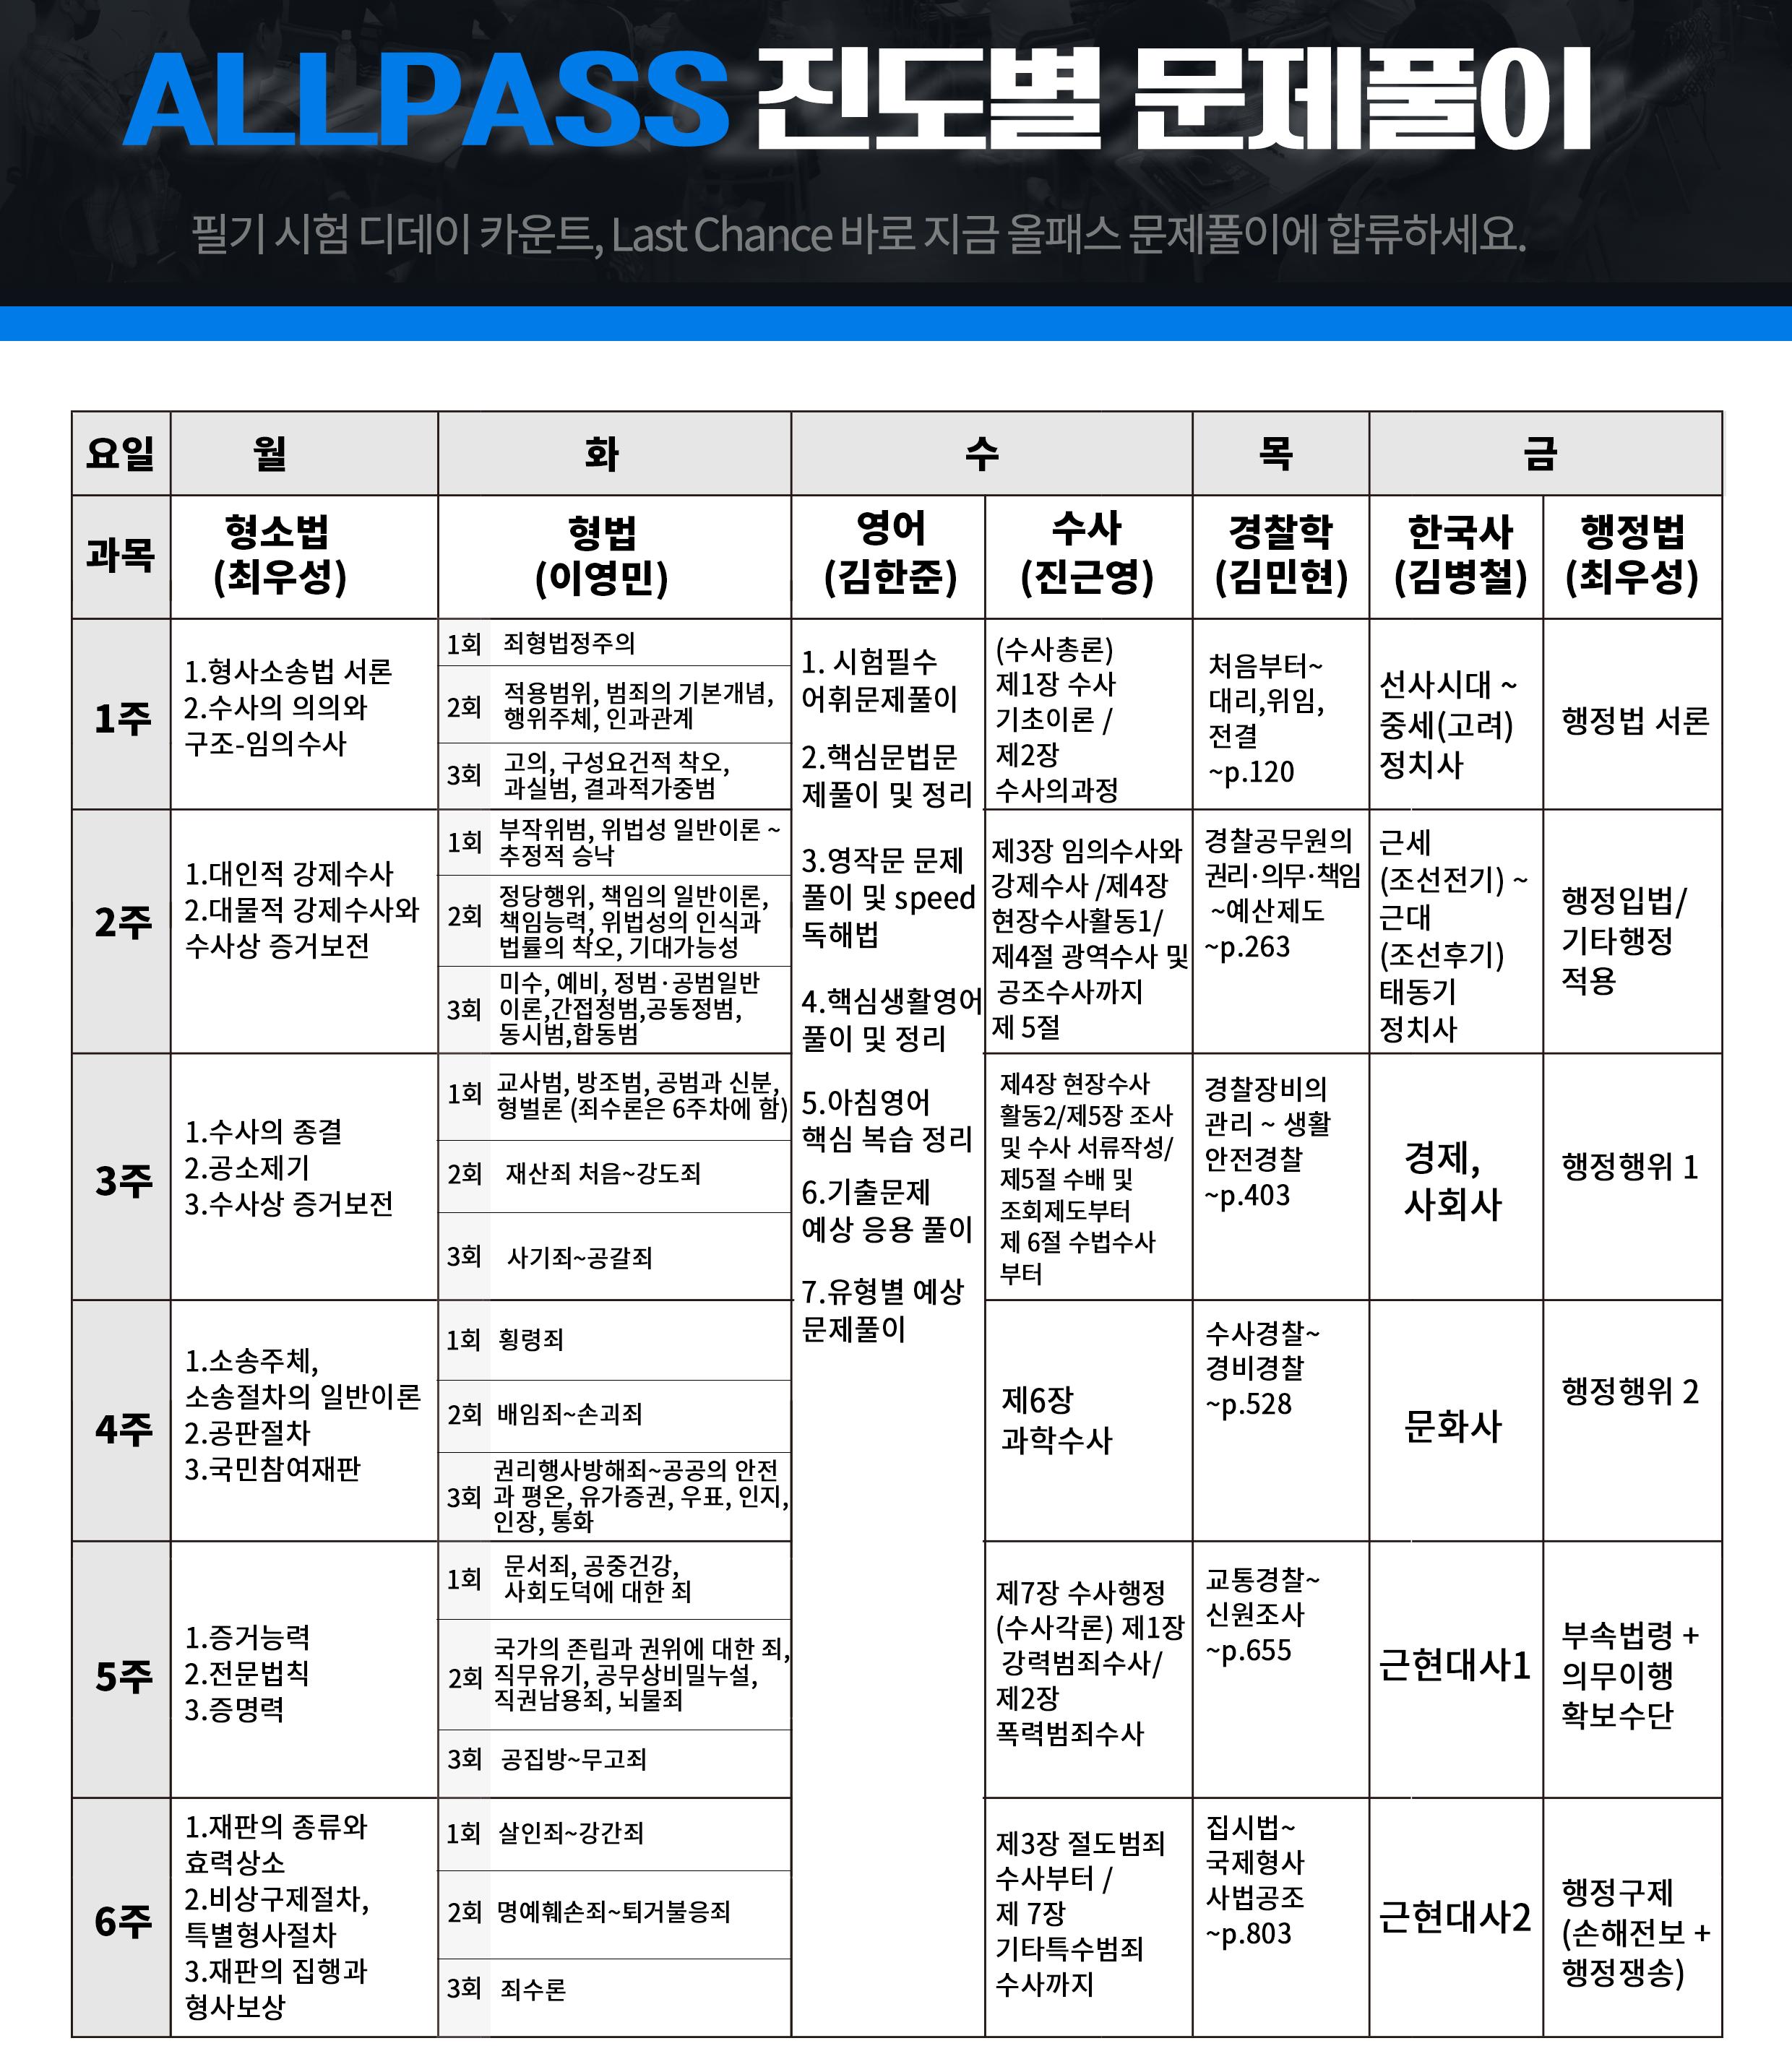 19년 2차 올패스 특강진도표.png